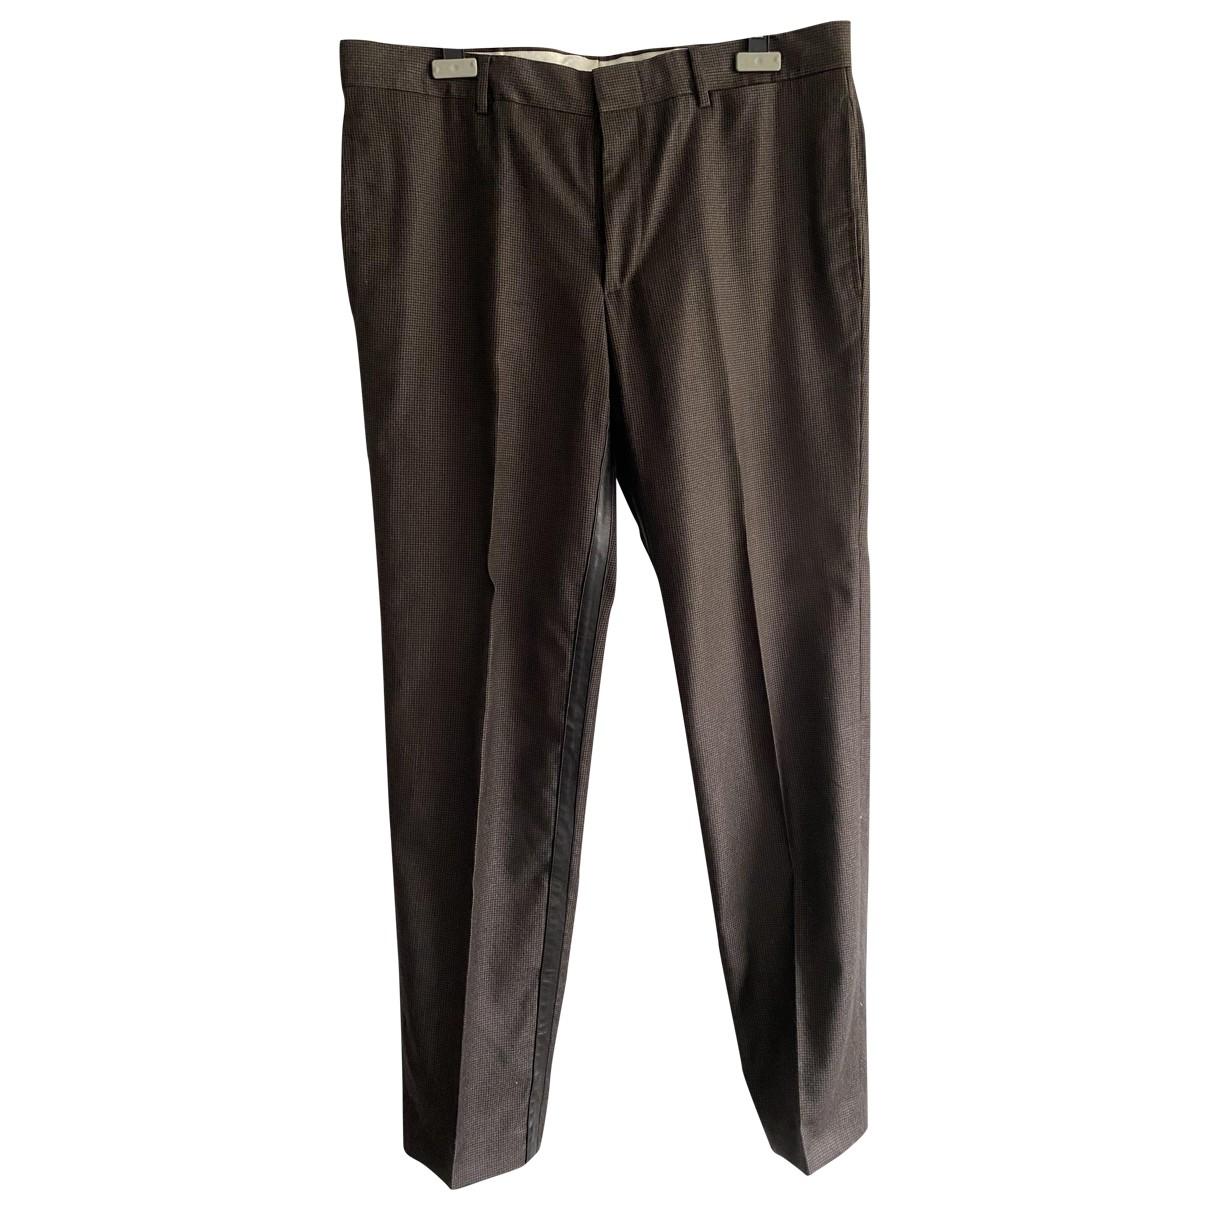 Hermes - Pantalon   pour homme en lin - marron